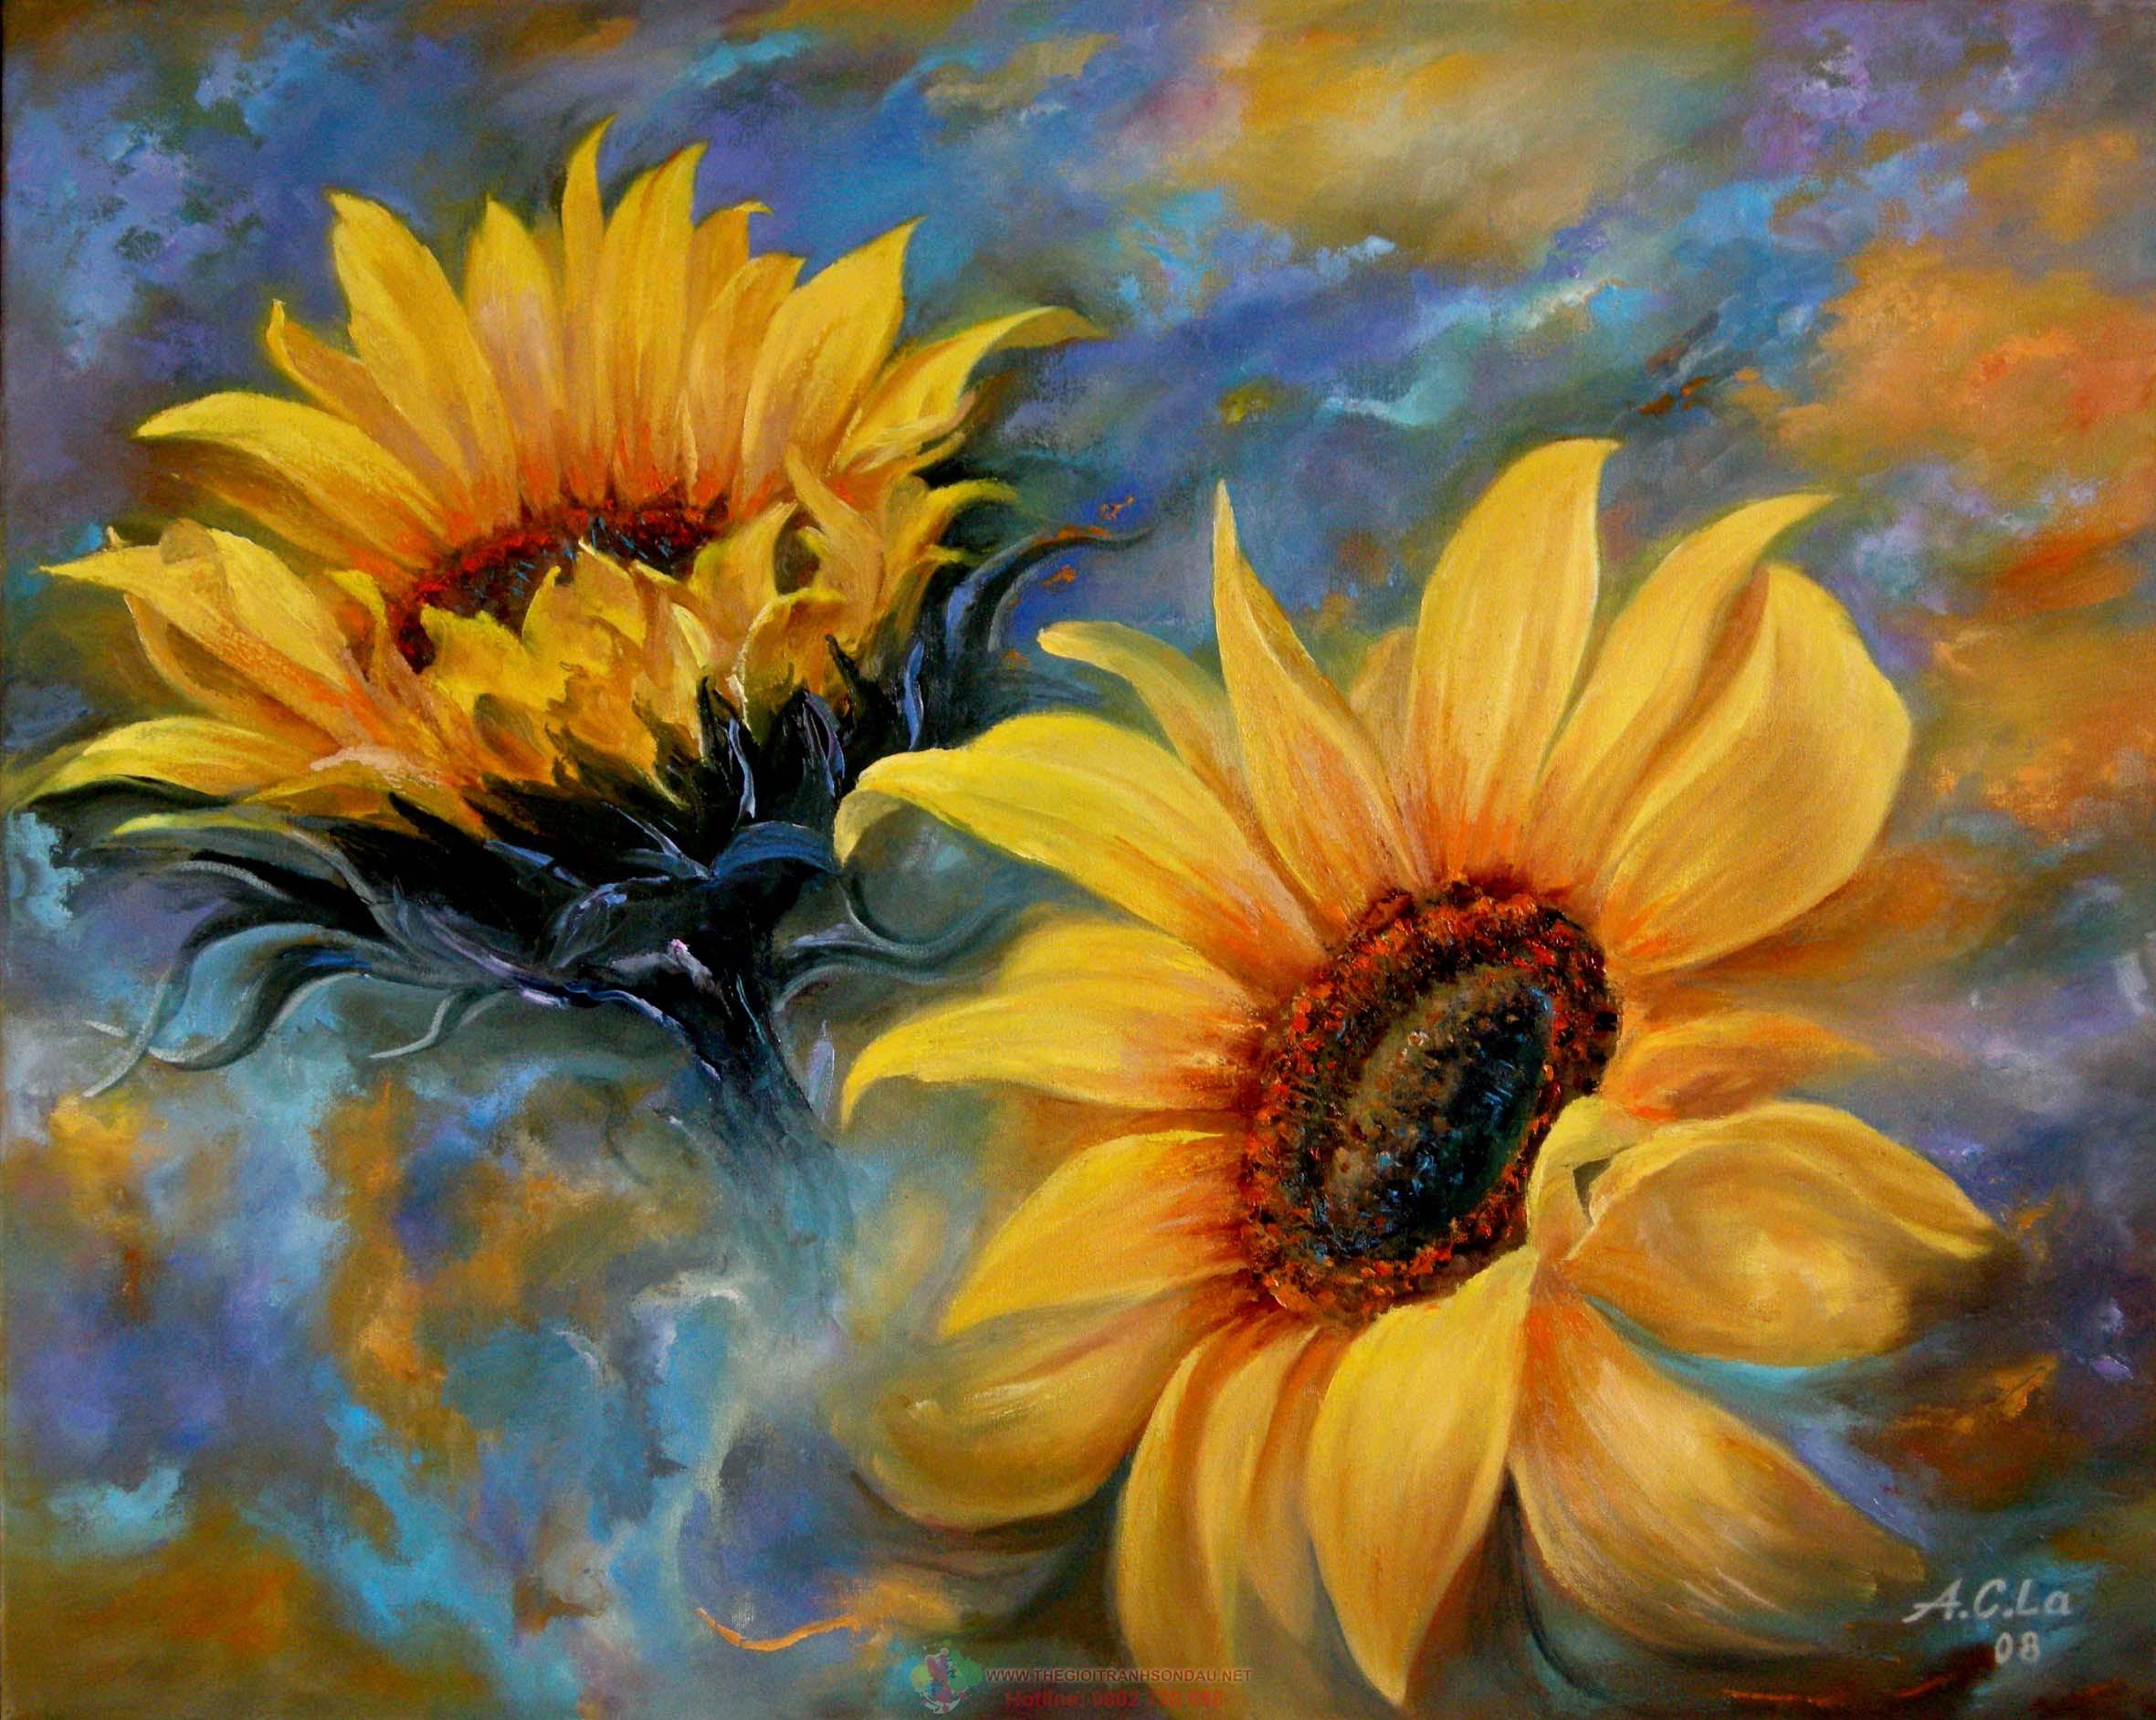 Tranh sơn đầu những bông hoa hướng dương đẹp nhất